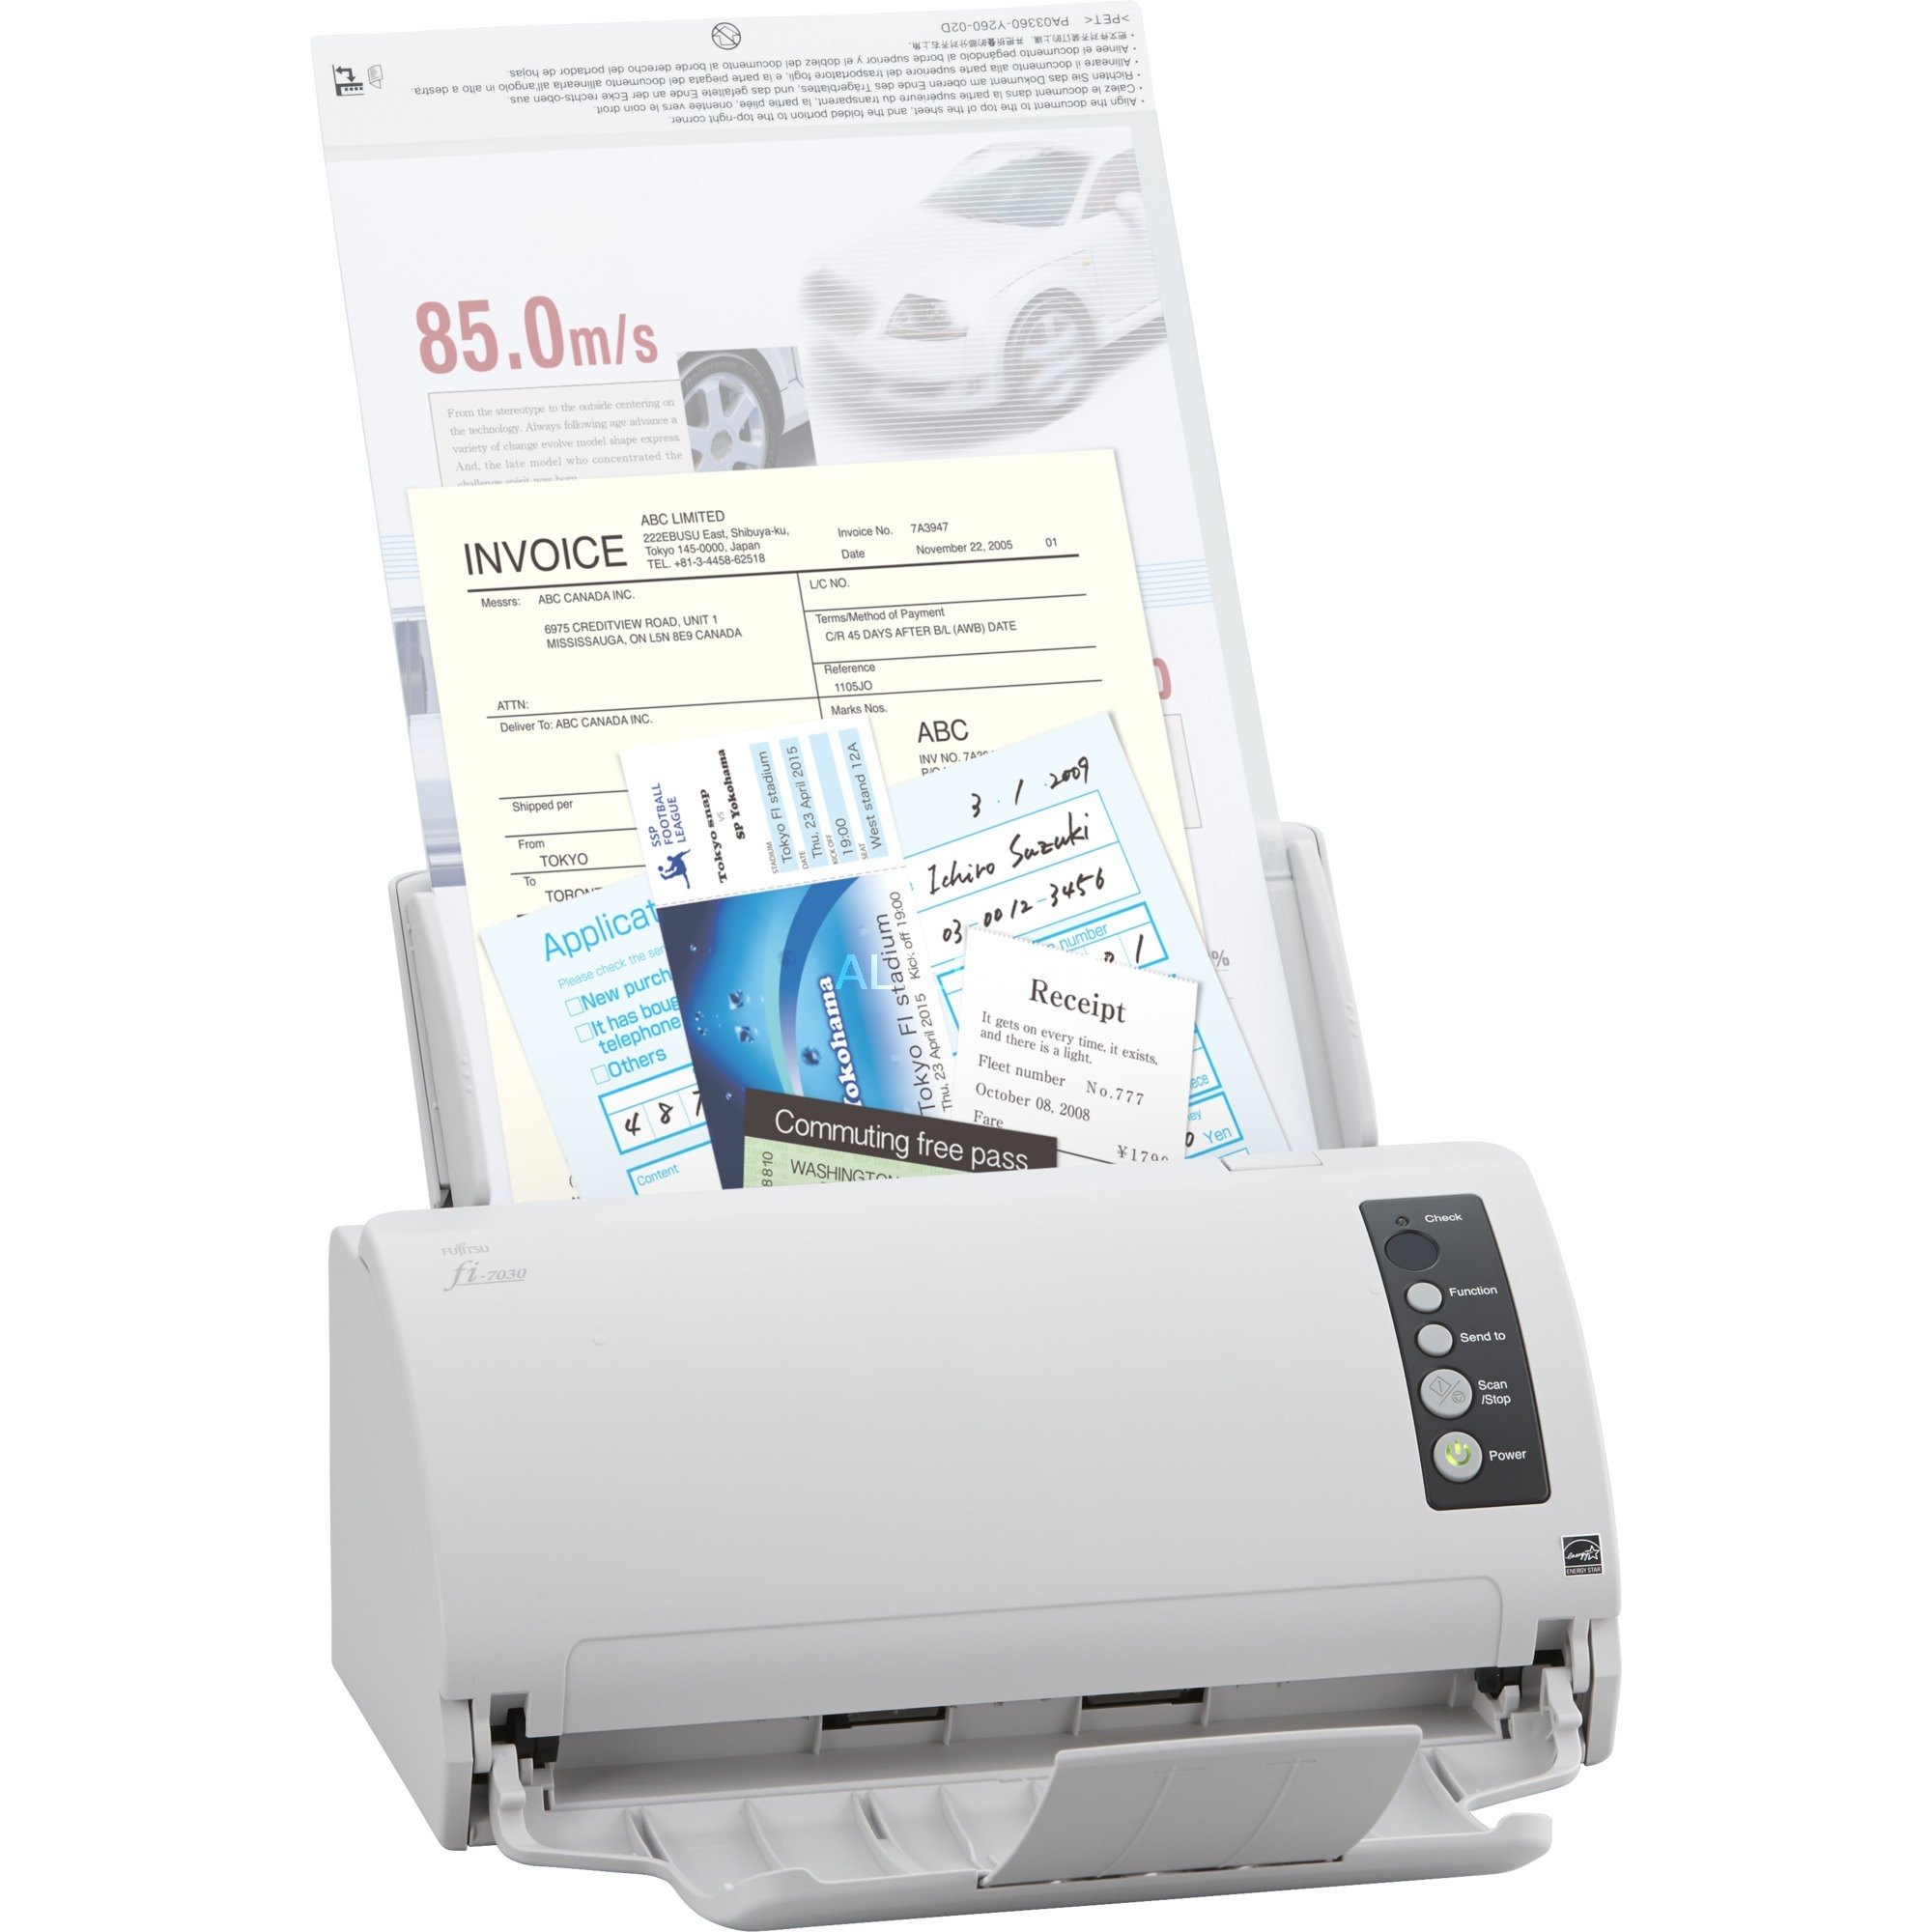 fi-7030 Escáner con alimentador automático de documentos (ADF) 600 x 600DPI A4 Blanco, Escáner de alimentación de hojas